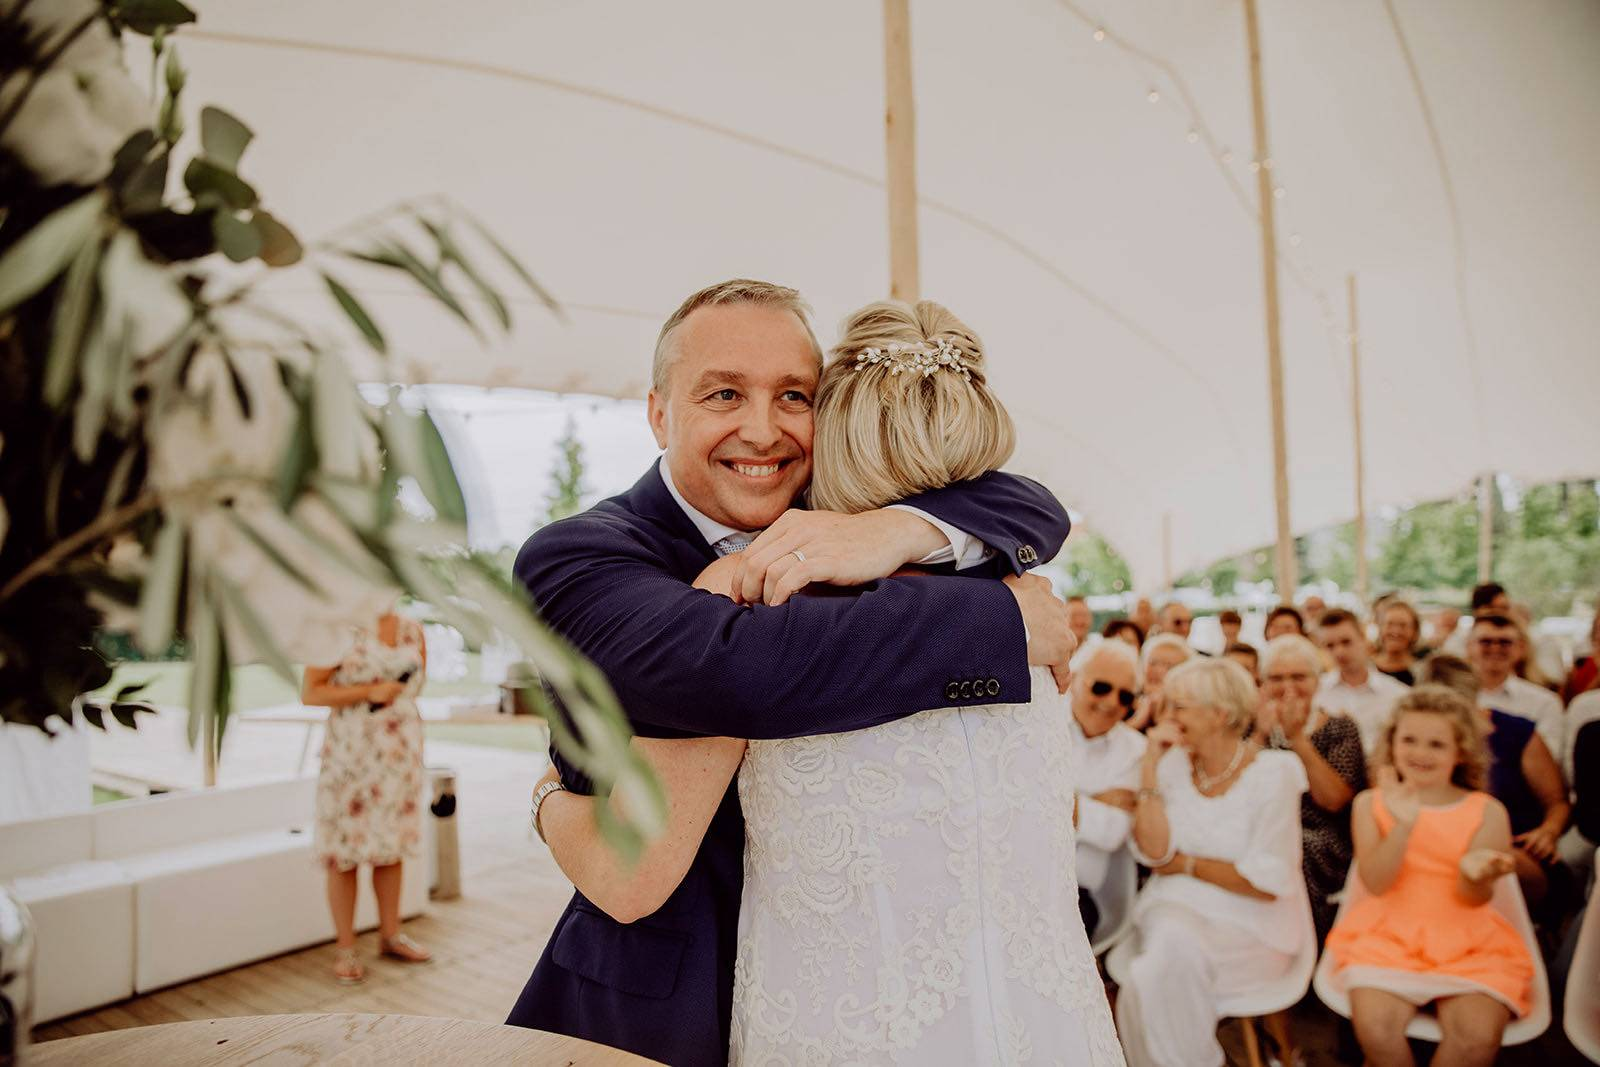 Event'L Ceremonie - Fotograaf Lux Visual Storytellers - House of Weddings 14